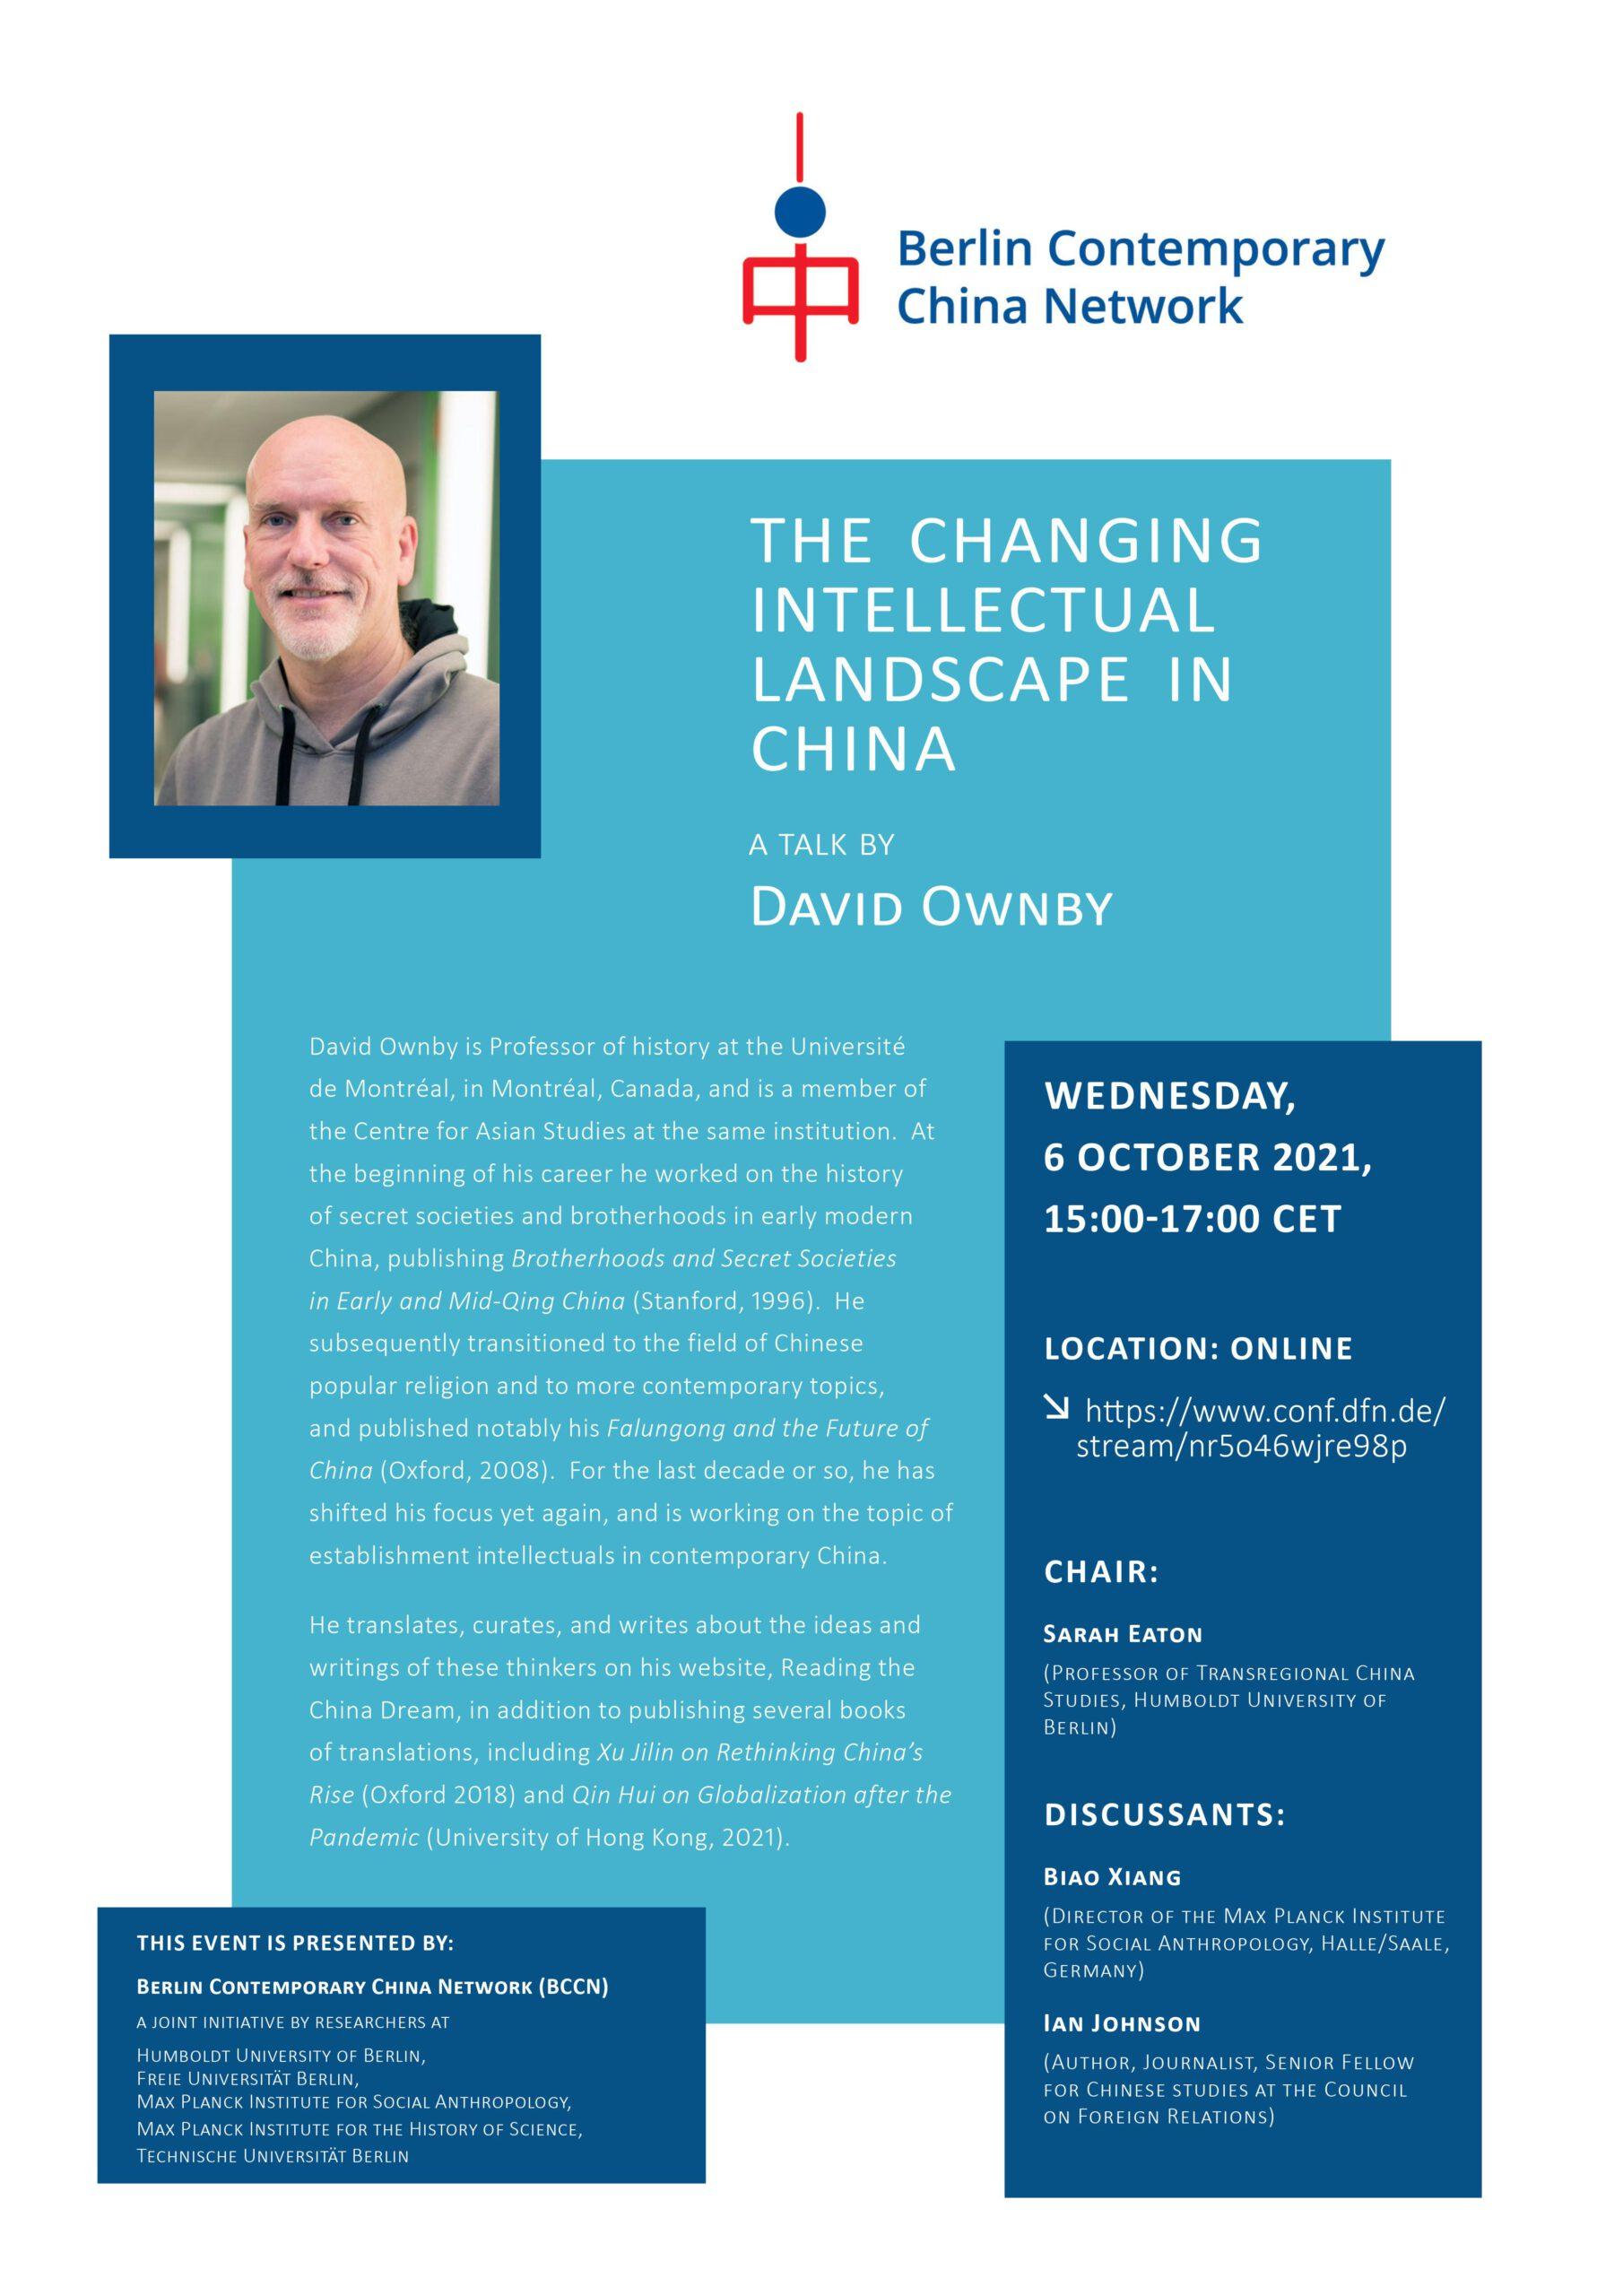 BCCN Talk, David Ownby, 6 October 2021